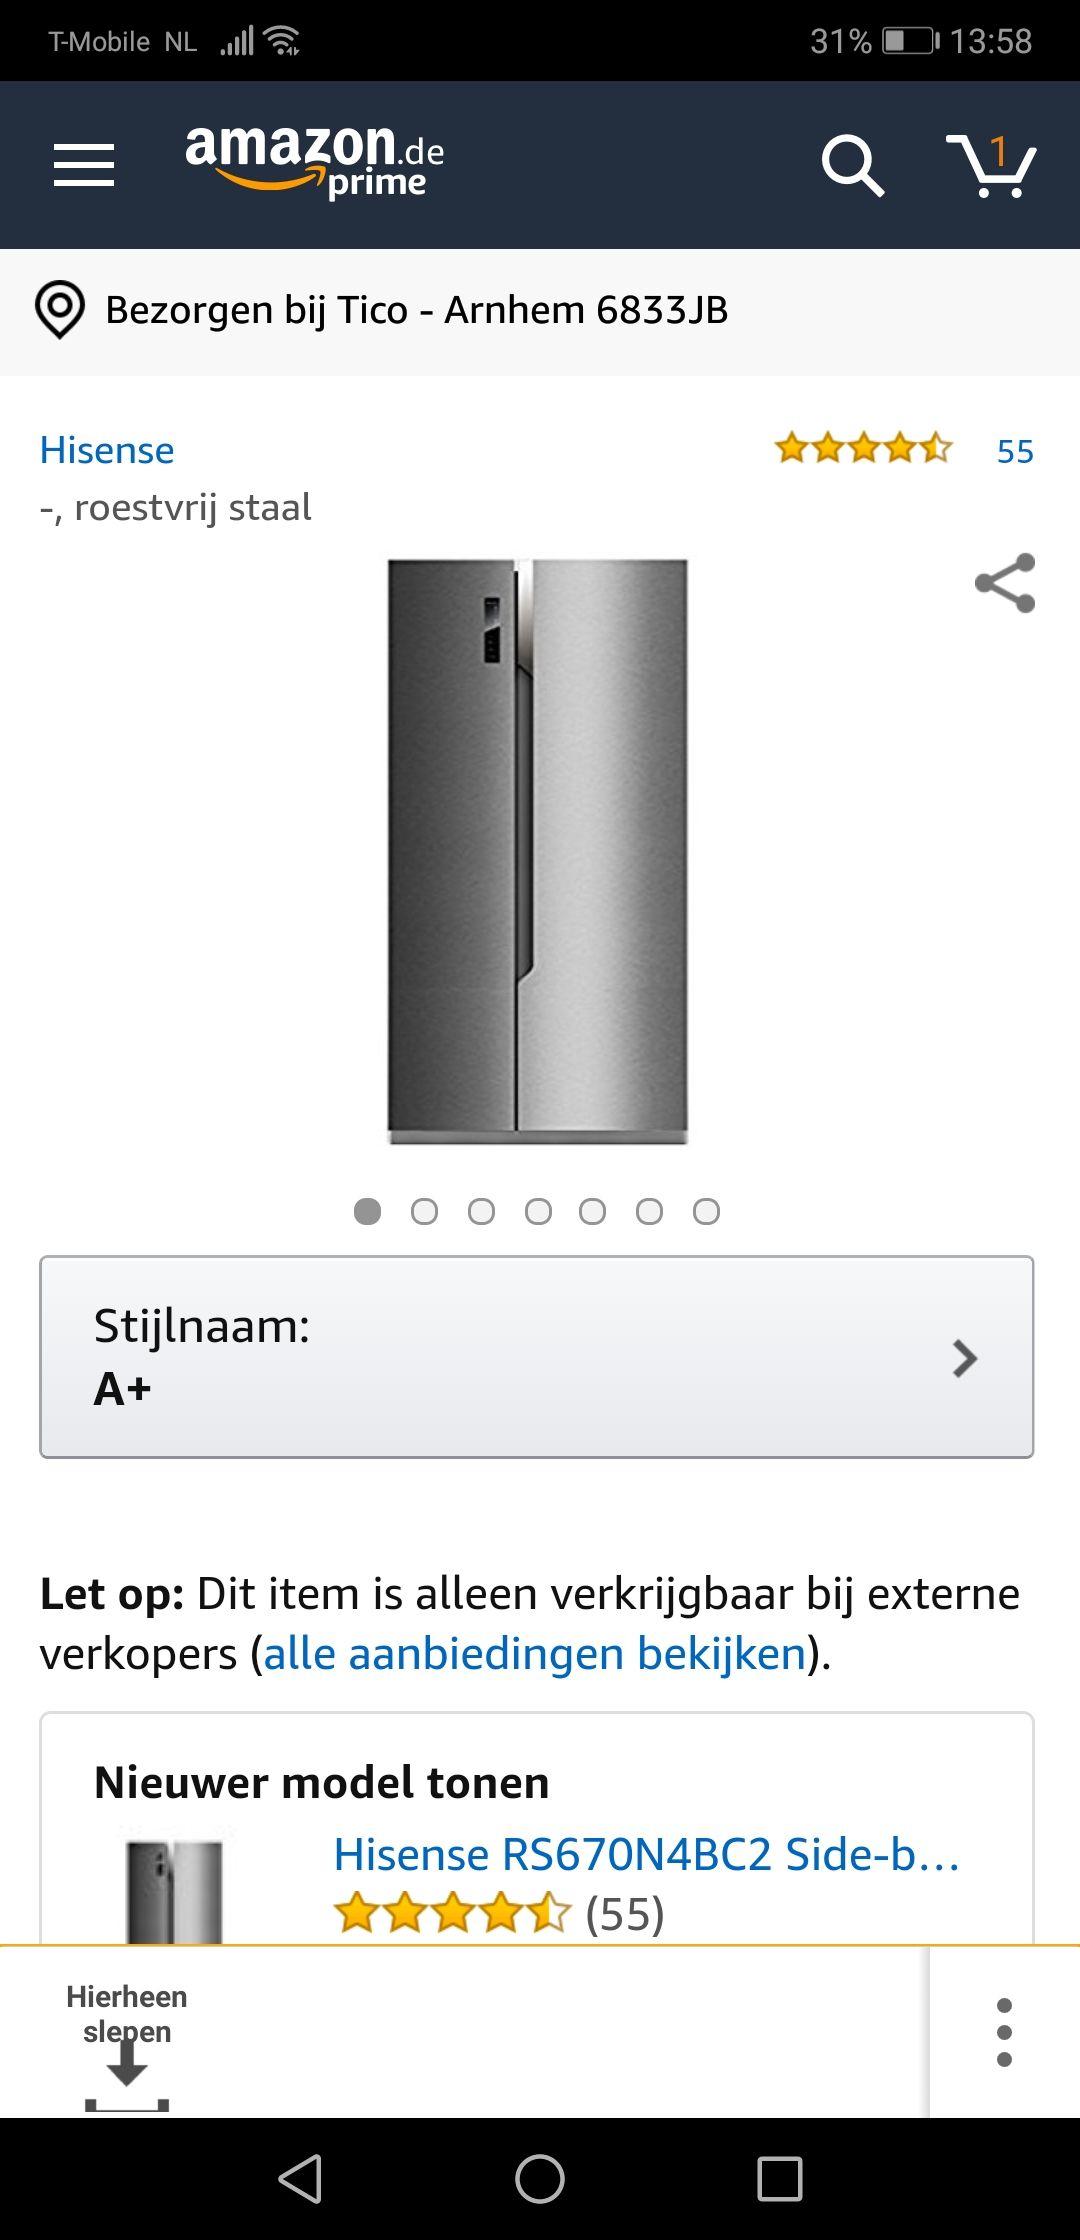 Amerikaanse koelkast Hisense Amazon